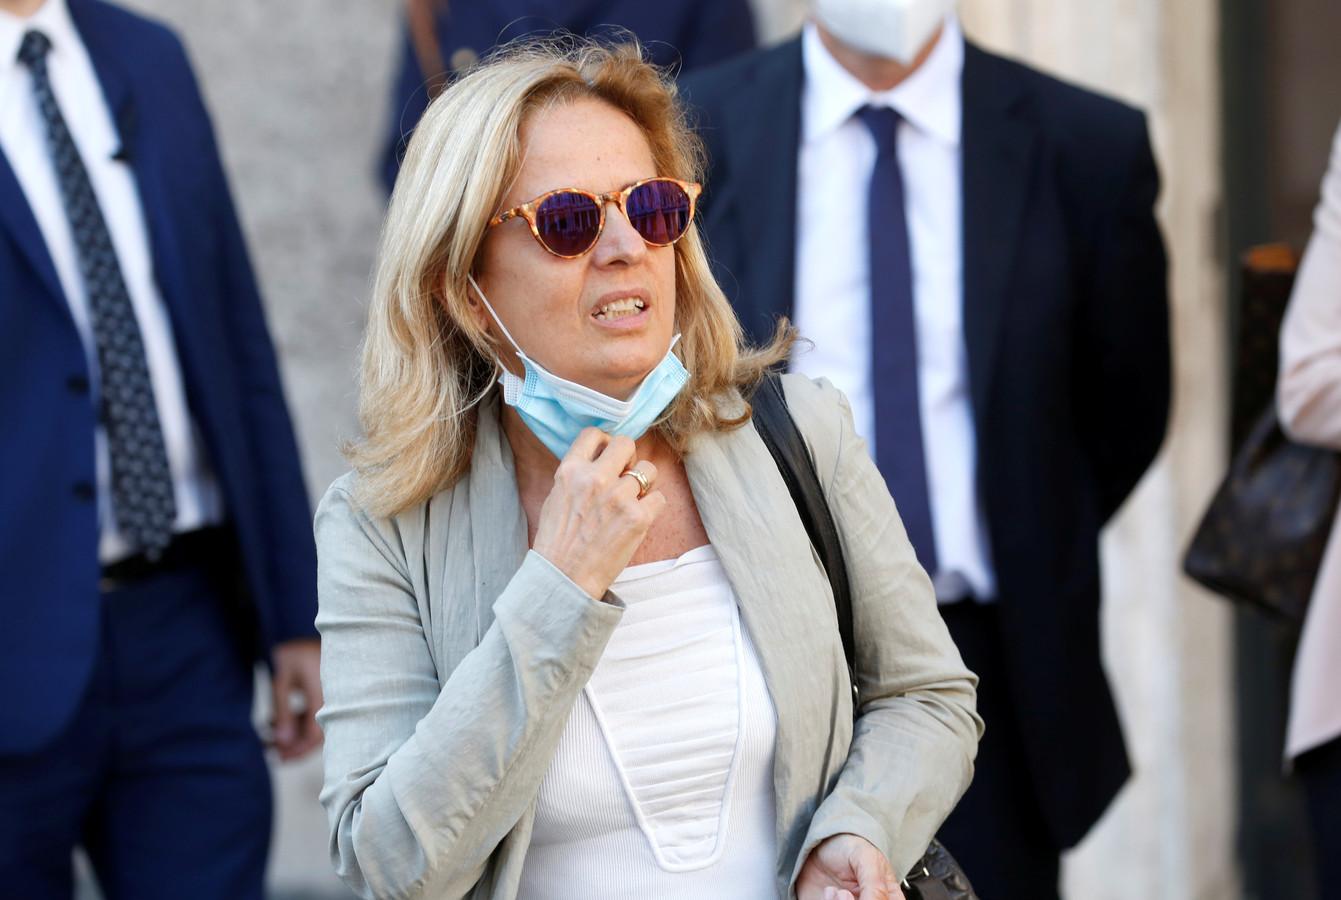 Bergamo's aanklager Maria Cristina Rota na het verhoor van premier Conte.